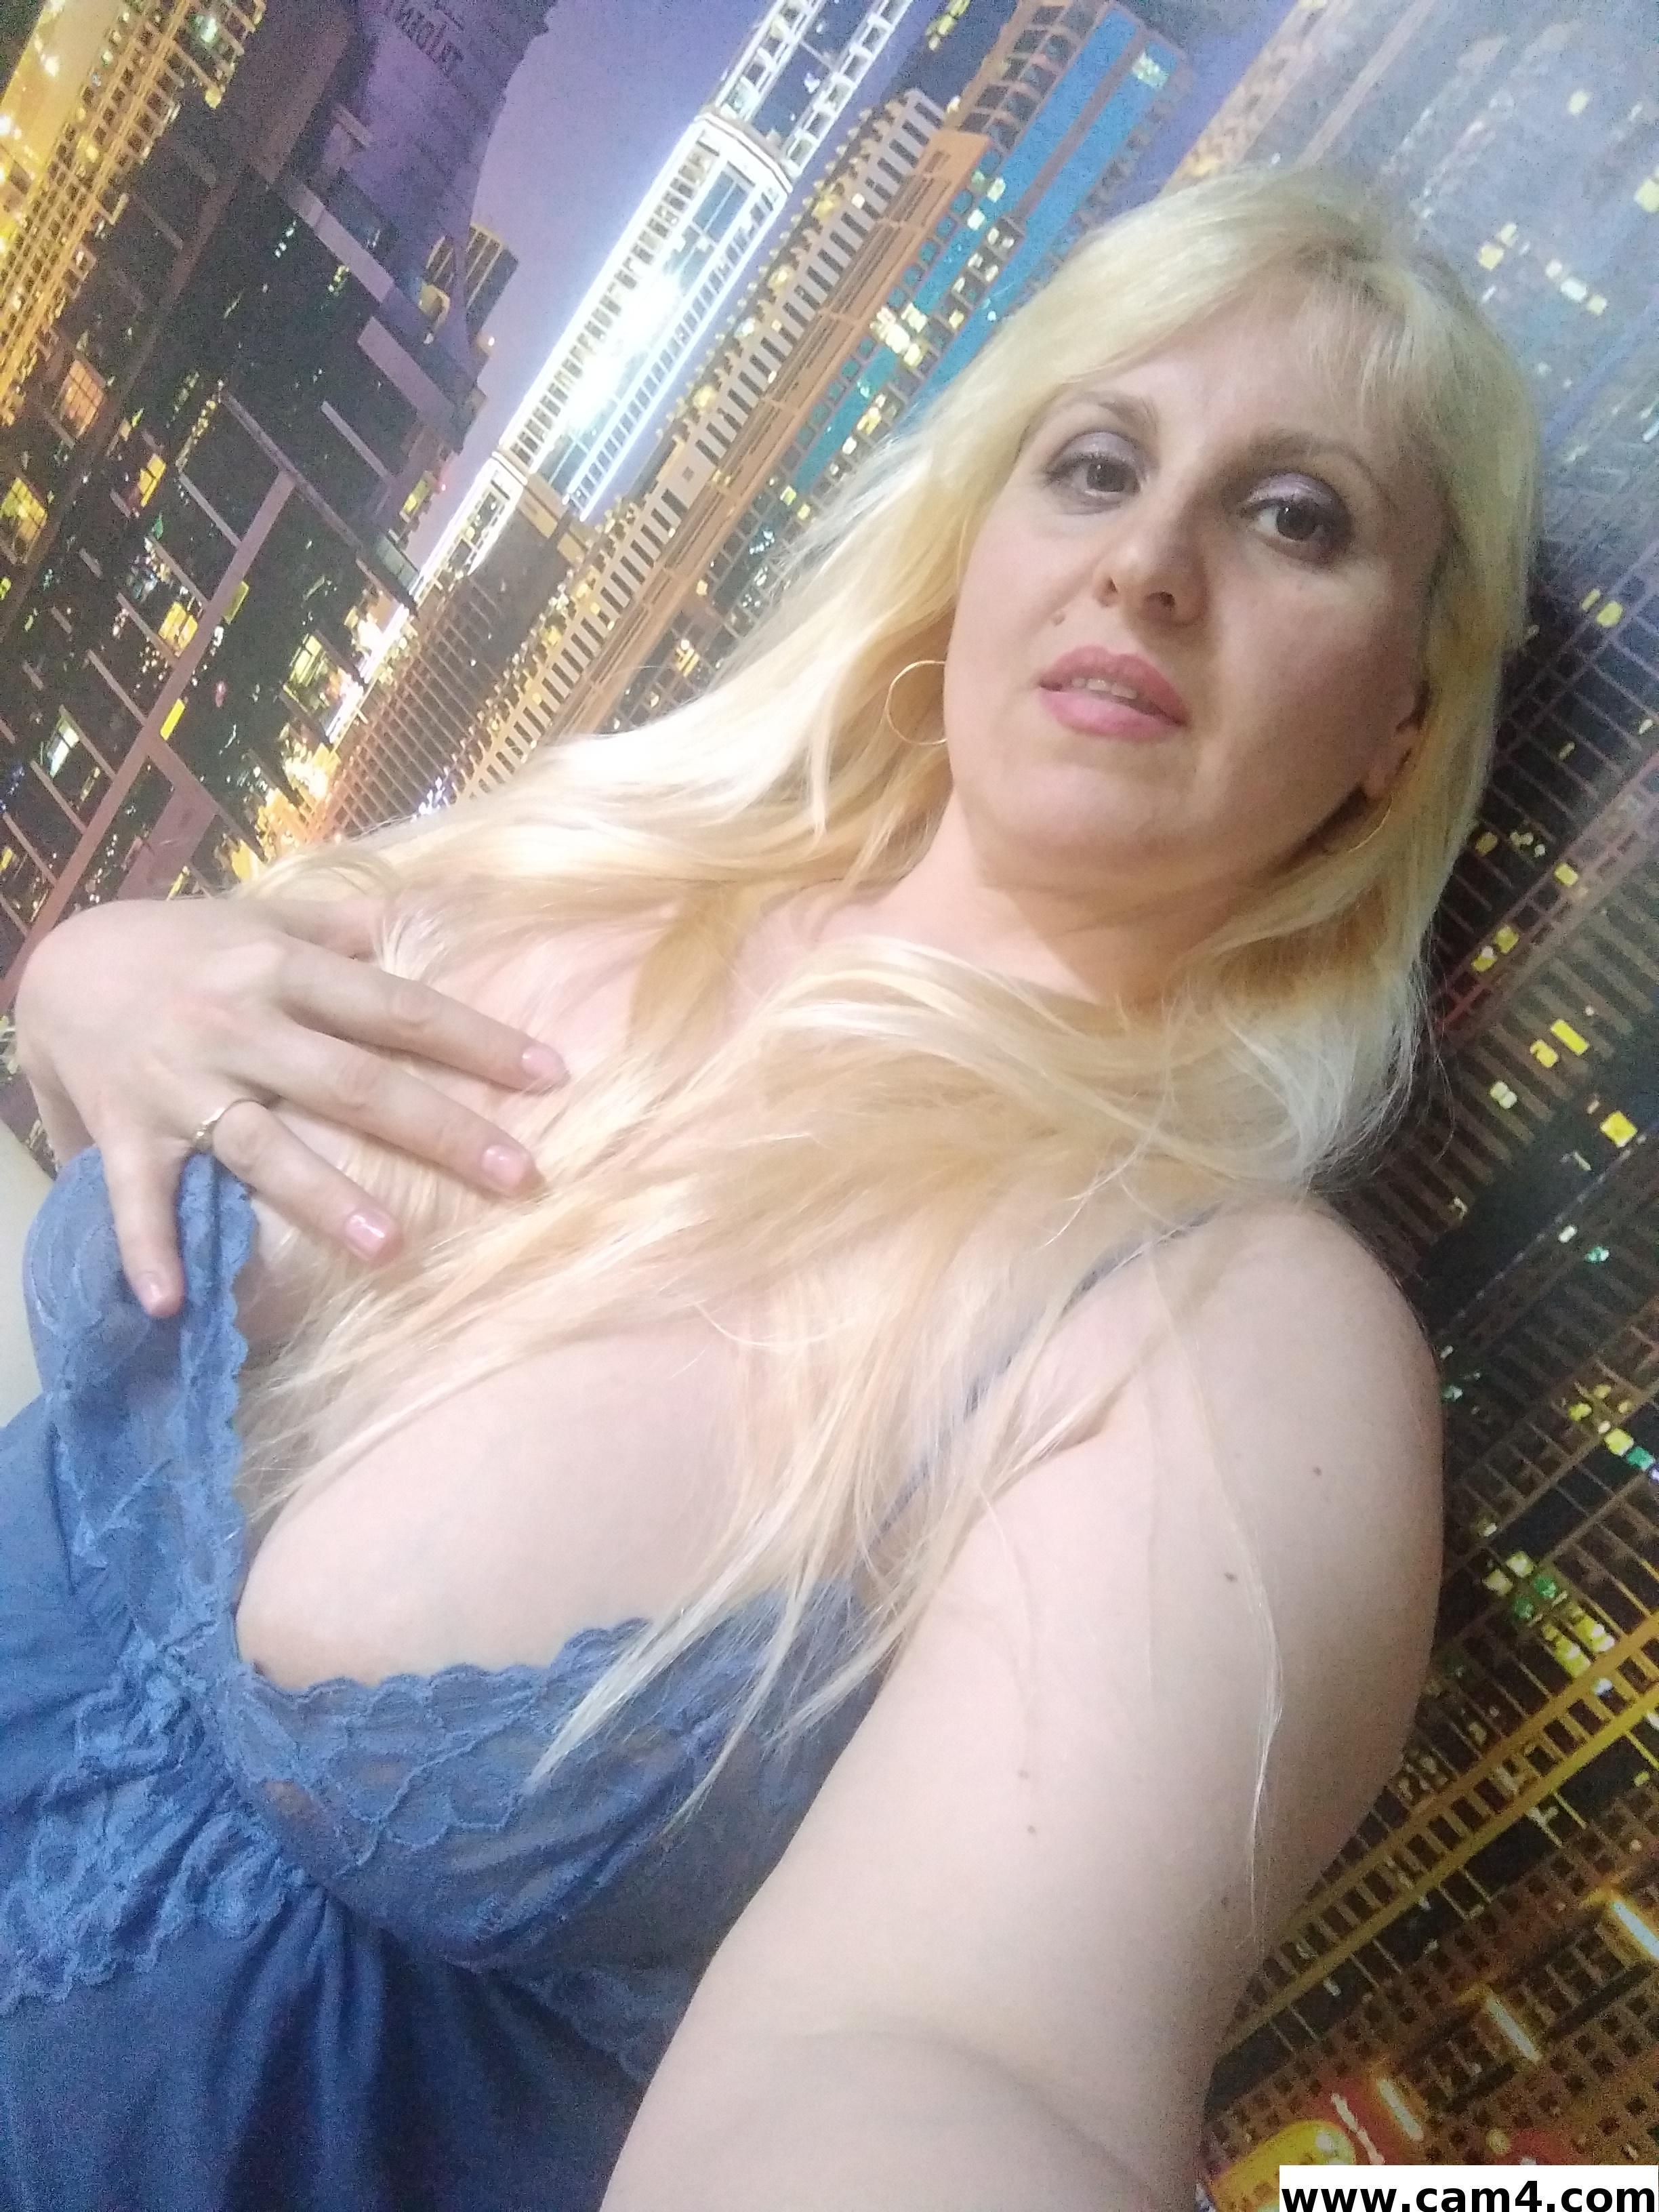 Blondabella?s=ptfcpvx4fnoklkc6velvugraw9npnpxbvbvhcppsyly=